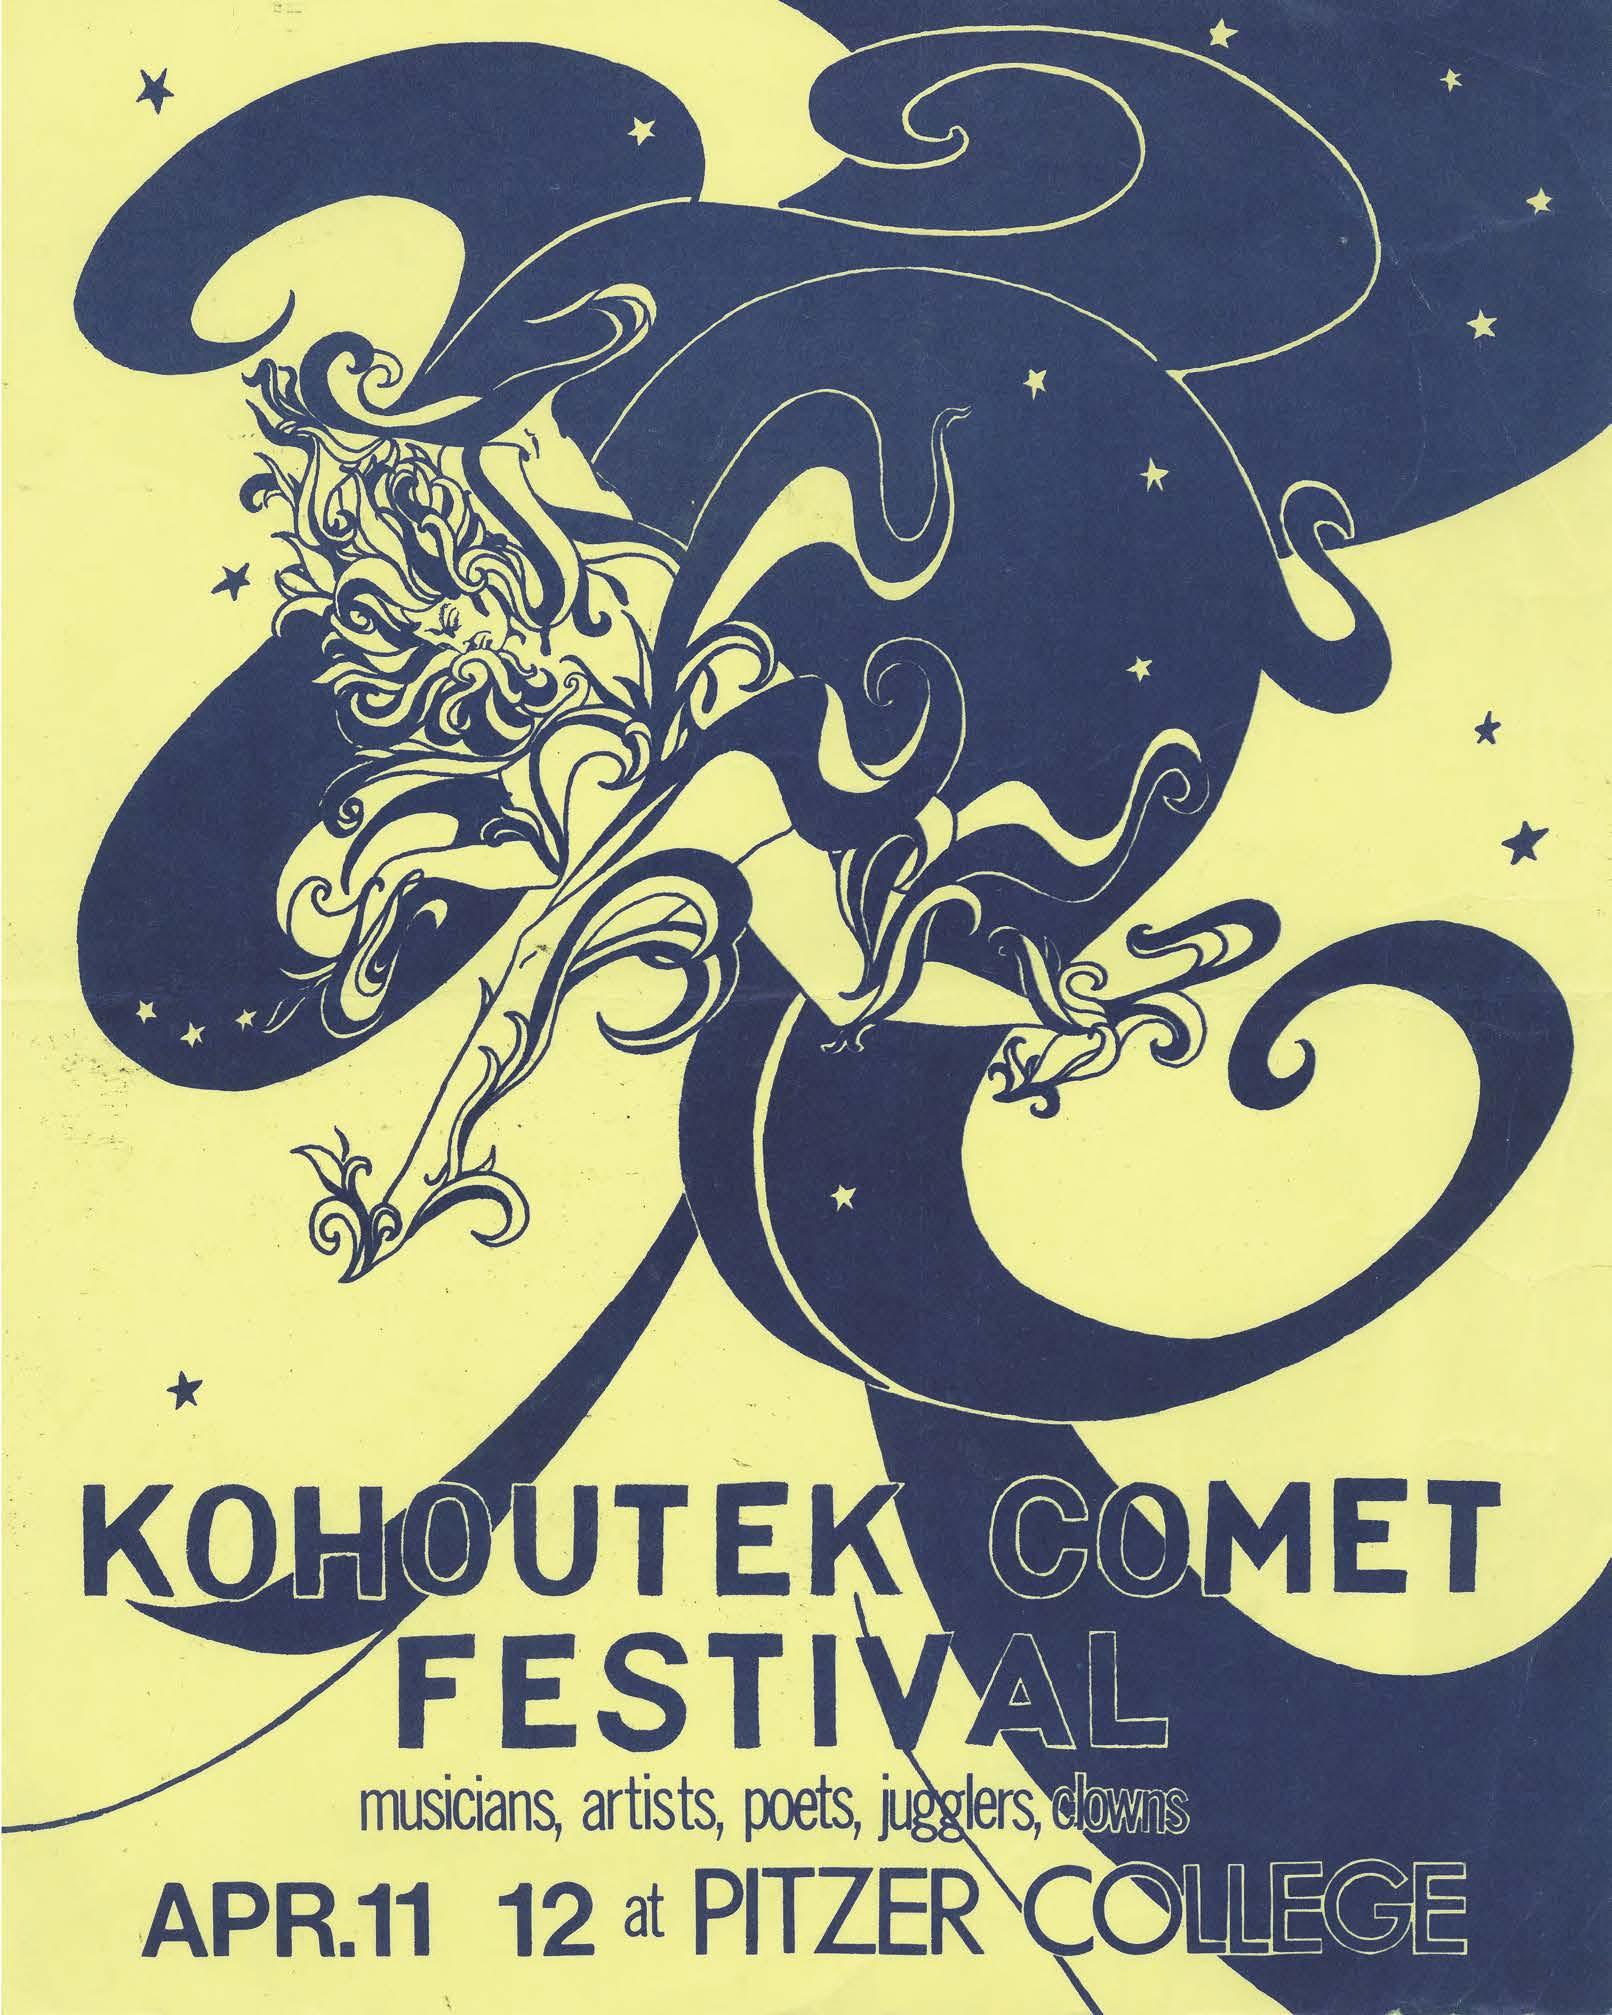 1975 - Poster for Kohoutek II